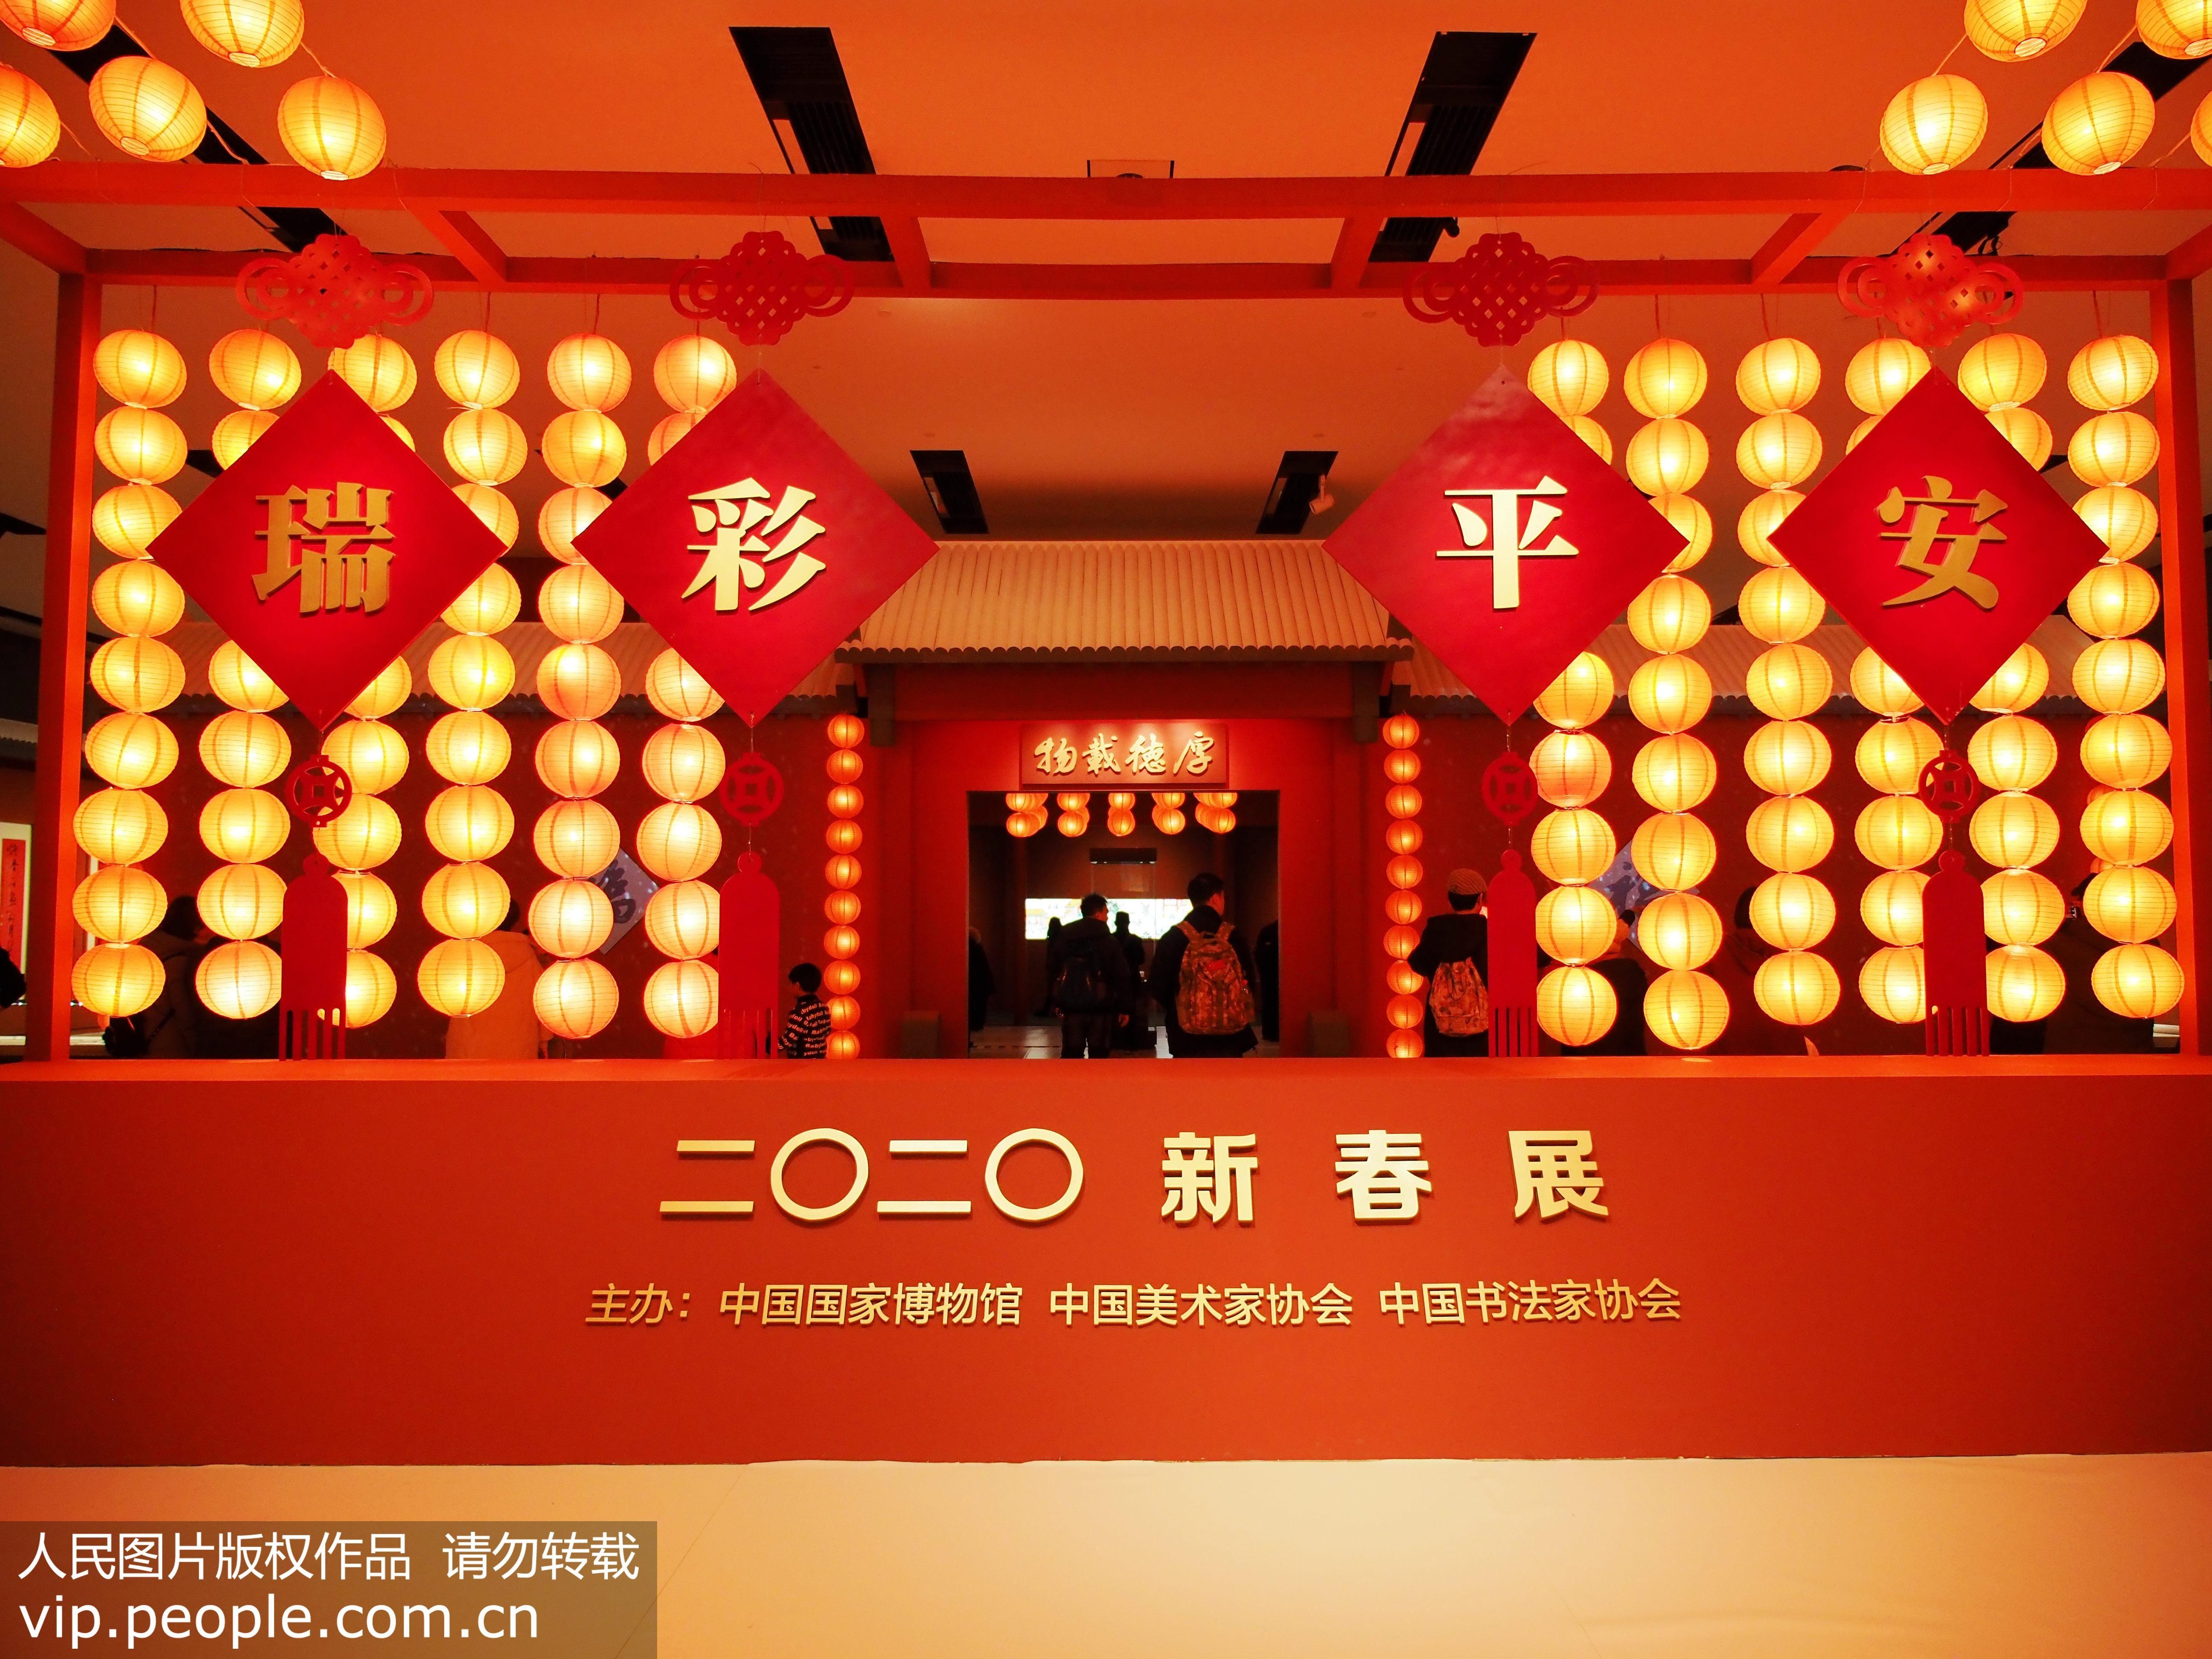 """""""瑞彩平安——2020新春展""""在中国国家博物馆开幕"""